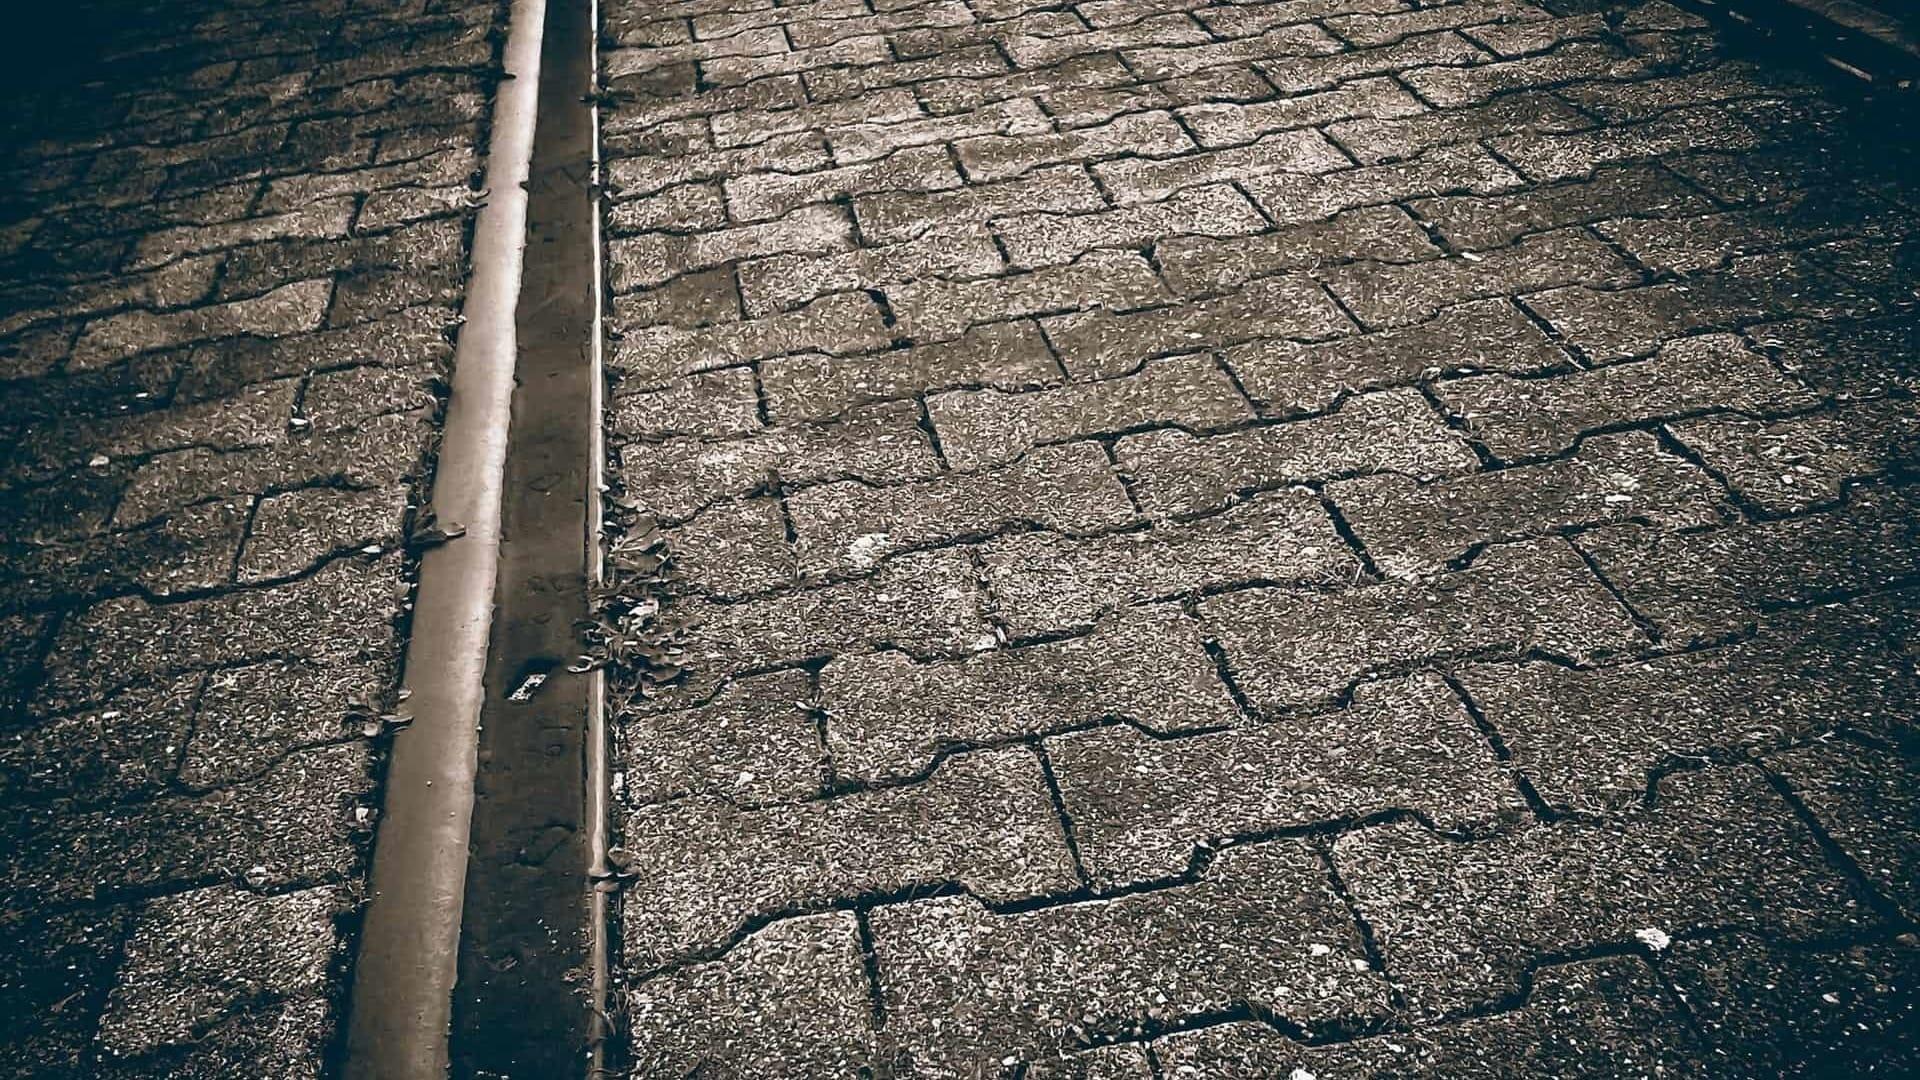 I migliori posatori pavimenti per esterni carrabili a cagliari